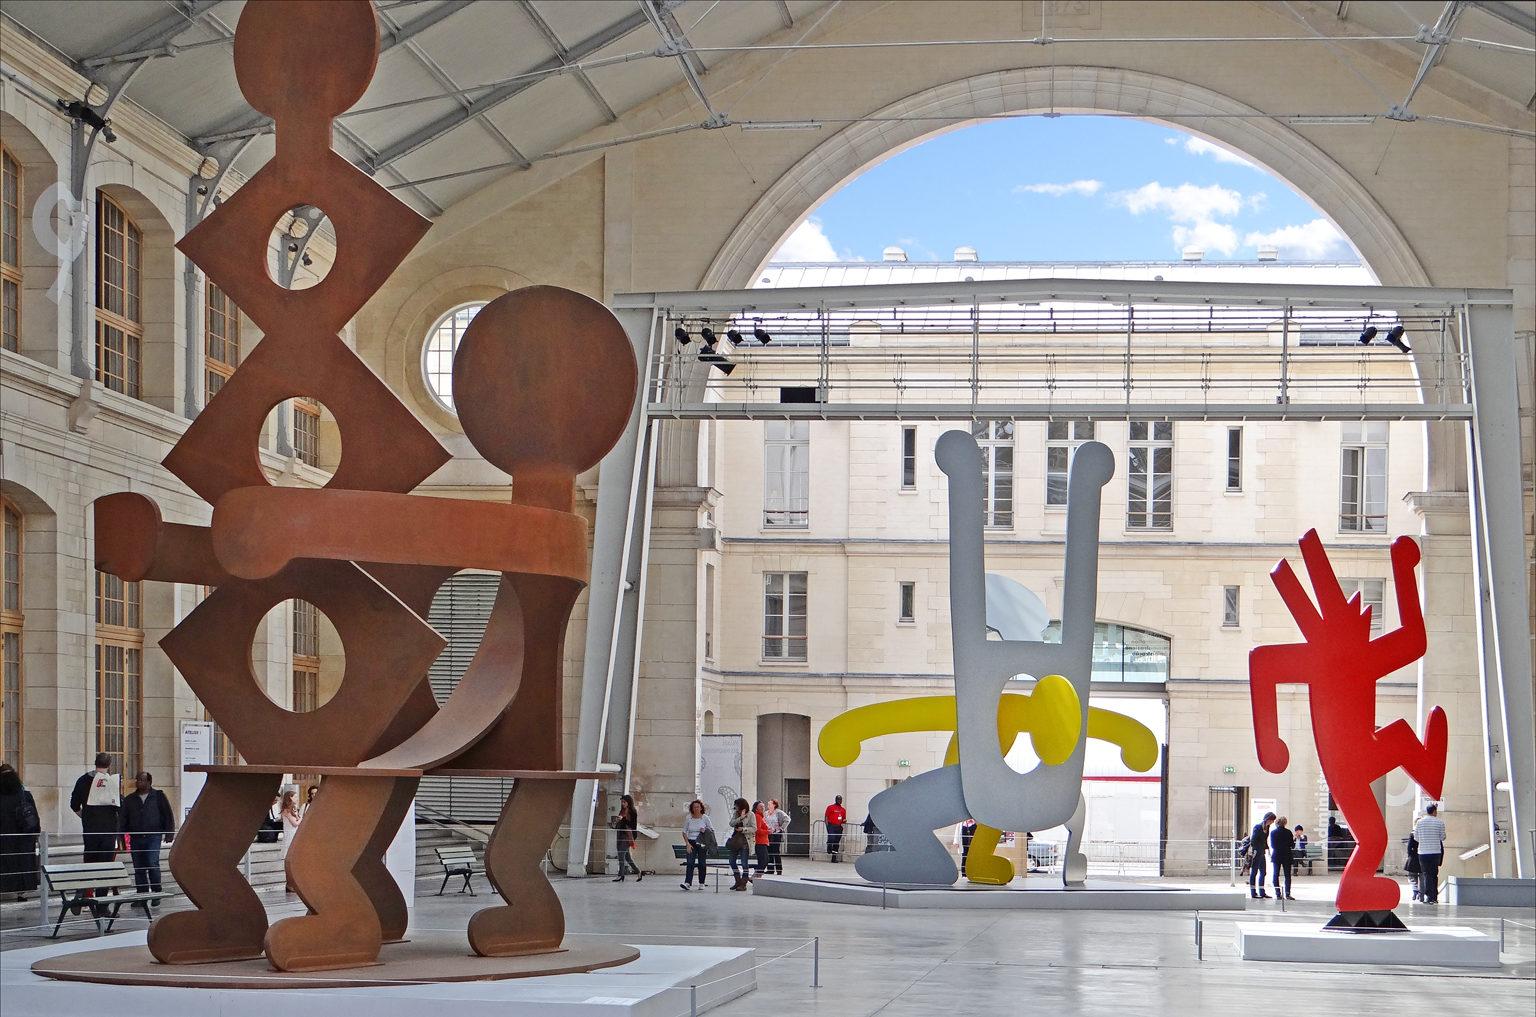 Pariisin 104-keskus toimii näyttelytilana nuorille taiteilijoille.